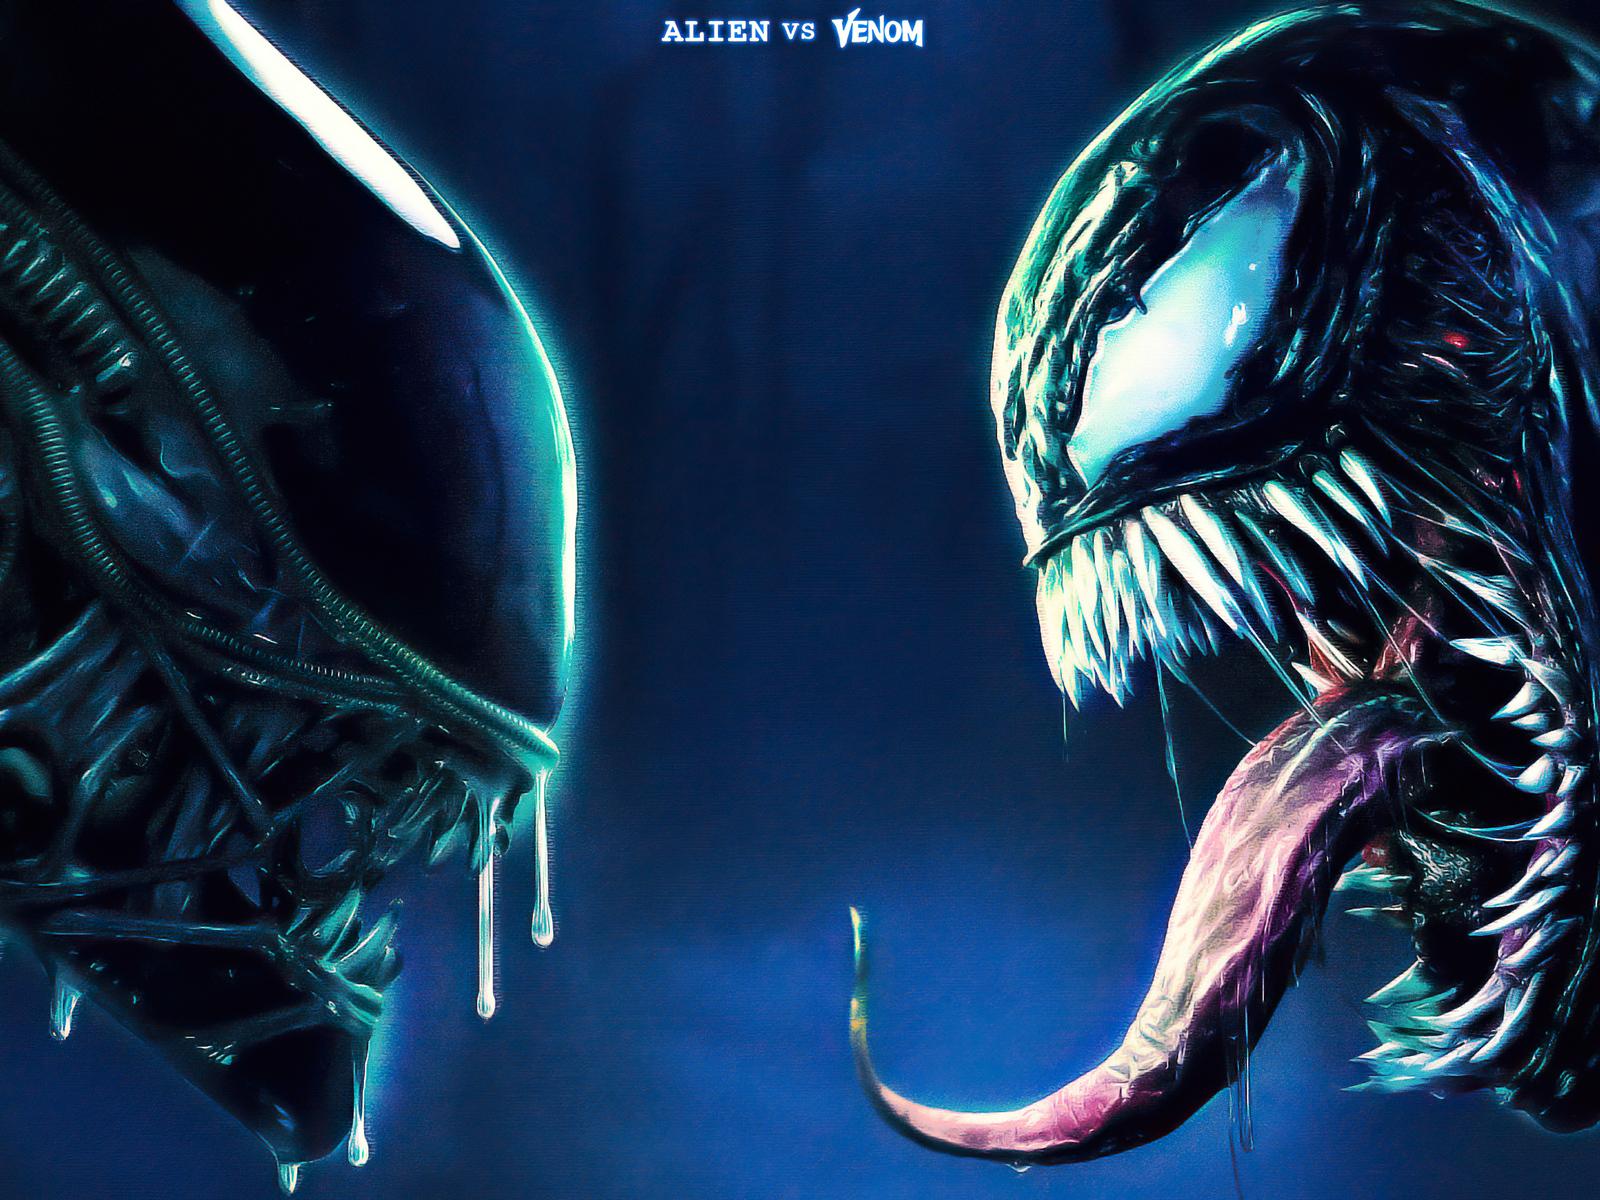 alien-vs-venom-w2.jpg